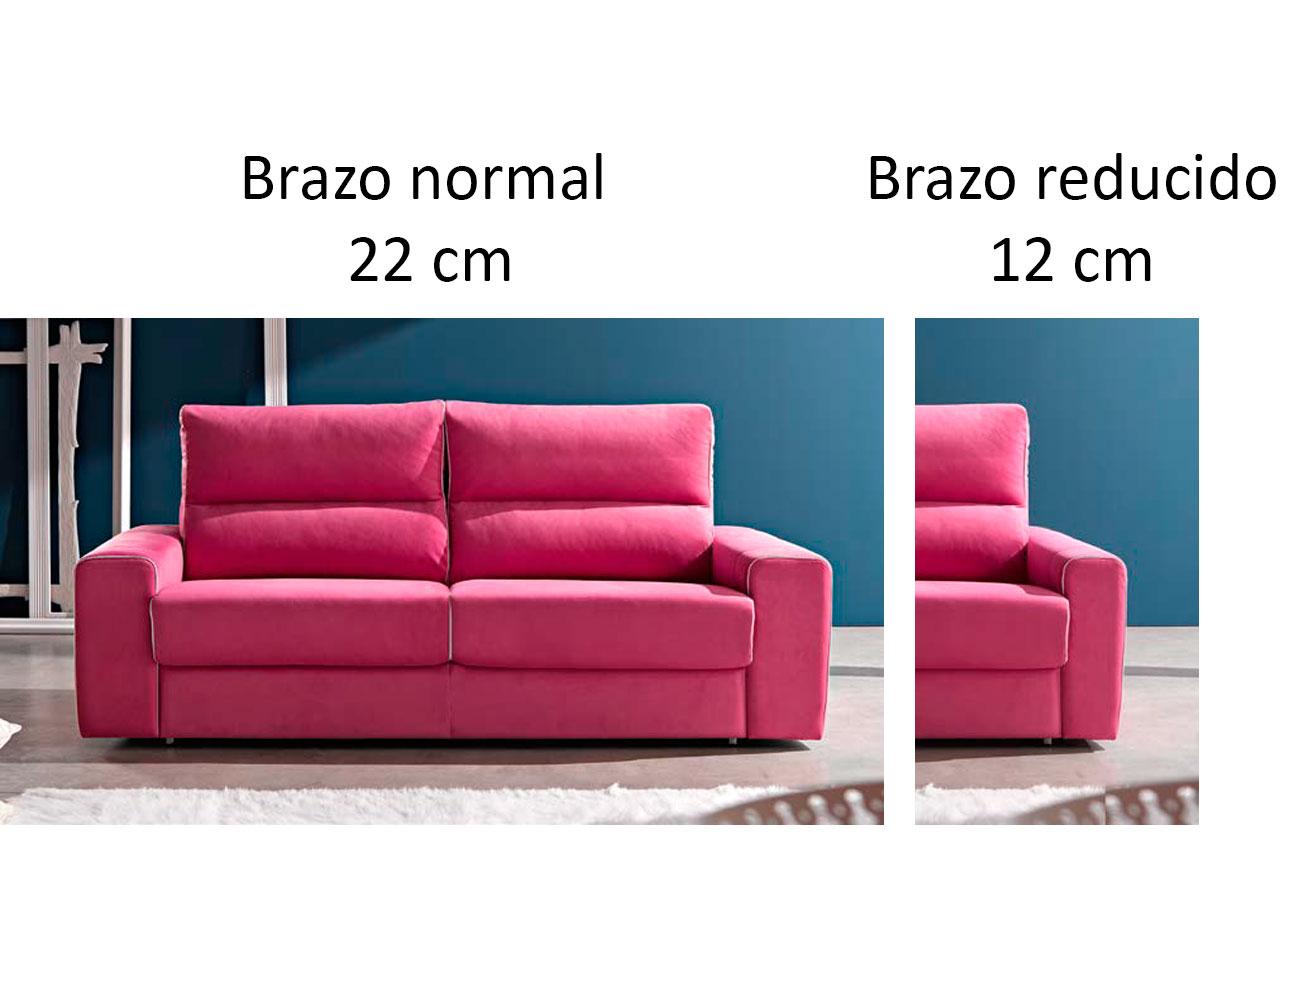 Sofa cama pedro ortiz apertura italiano brazo reducido